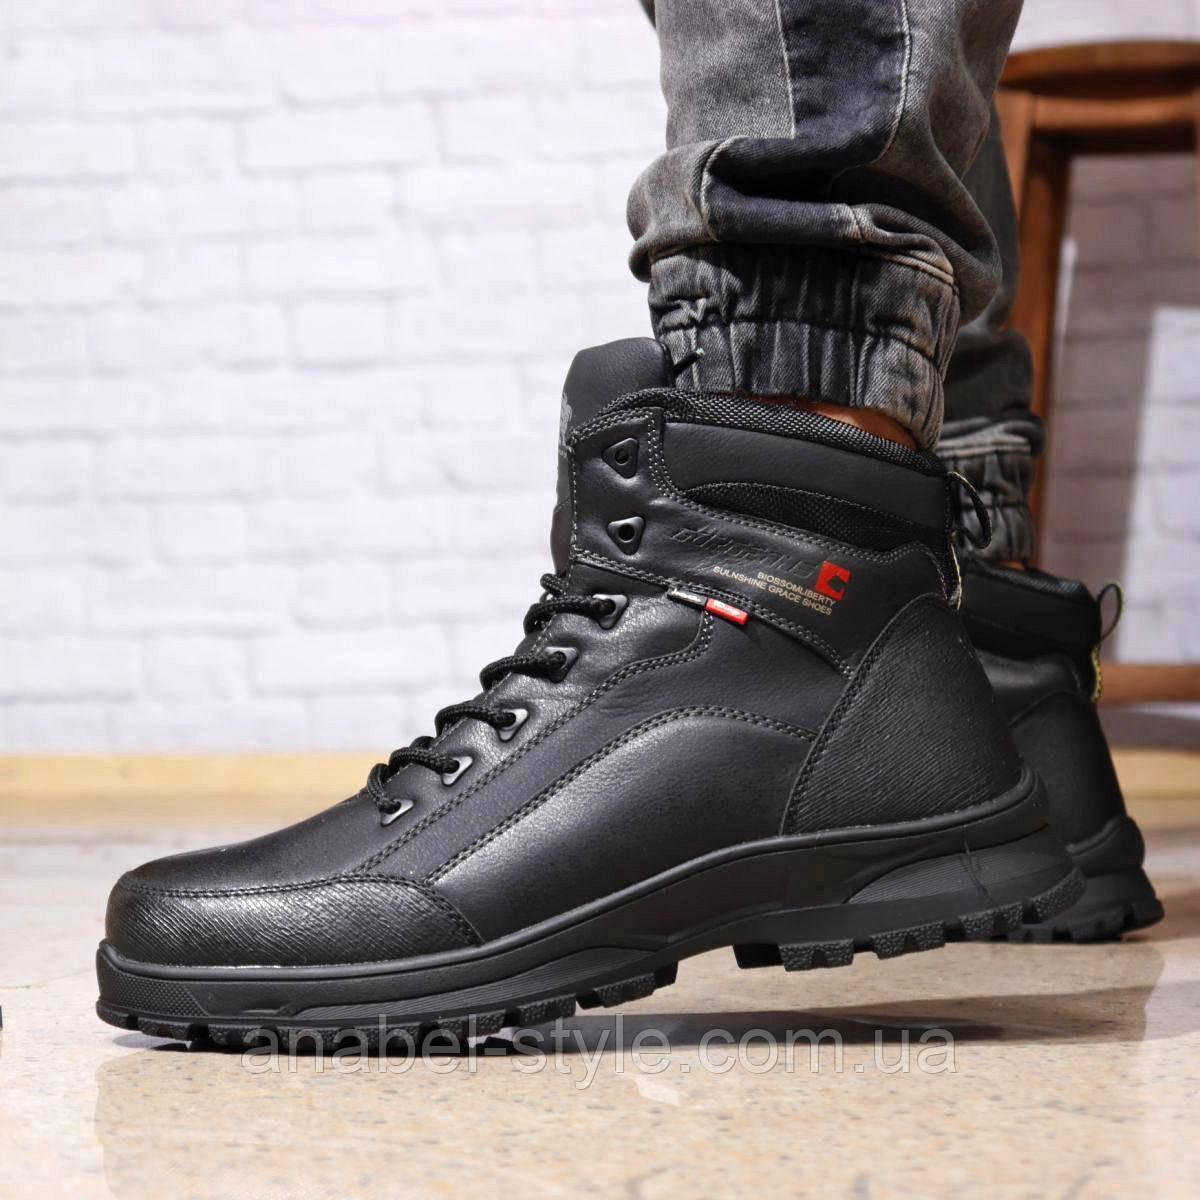 Зимние мужские ботинки 31881, Gorgeous (на меху, в коробке), черные [ 42 43 45 ] р.(42-27,5см)